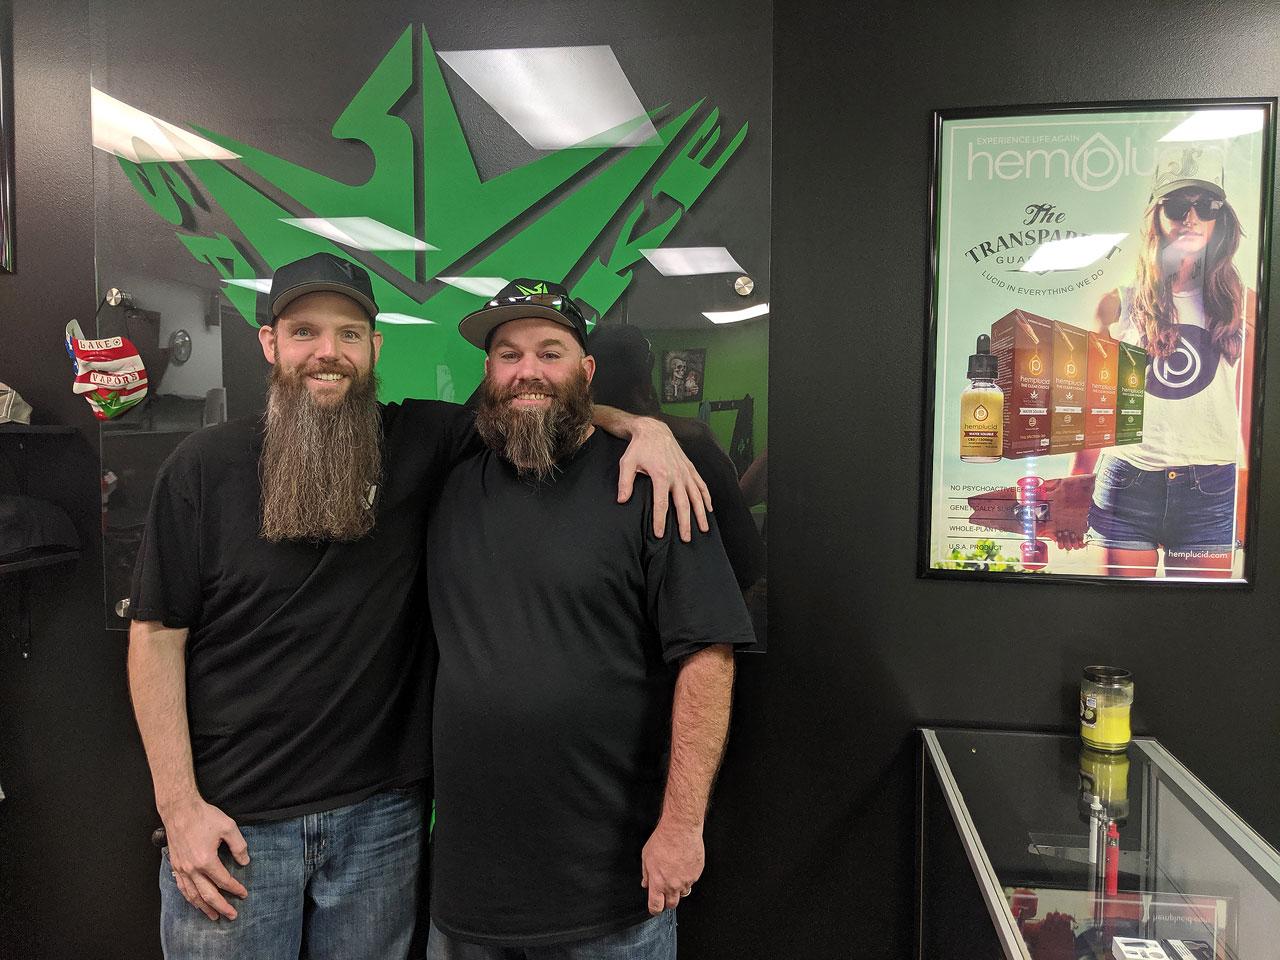 Matthew Murphey, right, and Adam Christensen